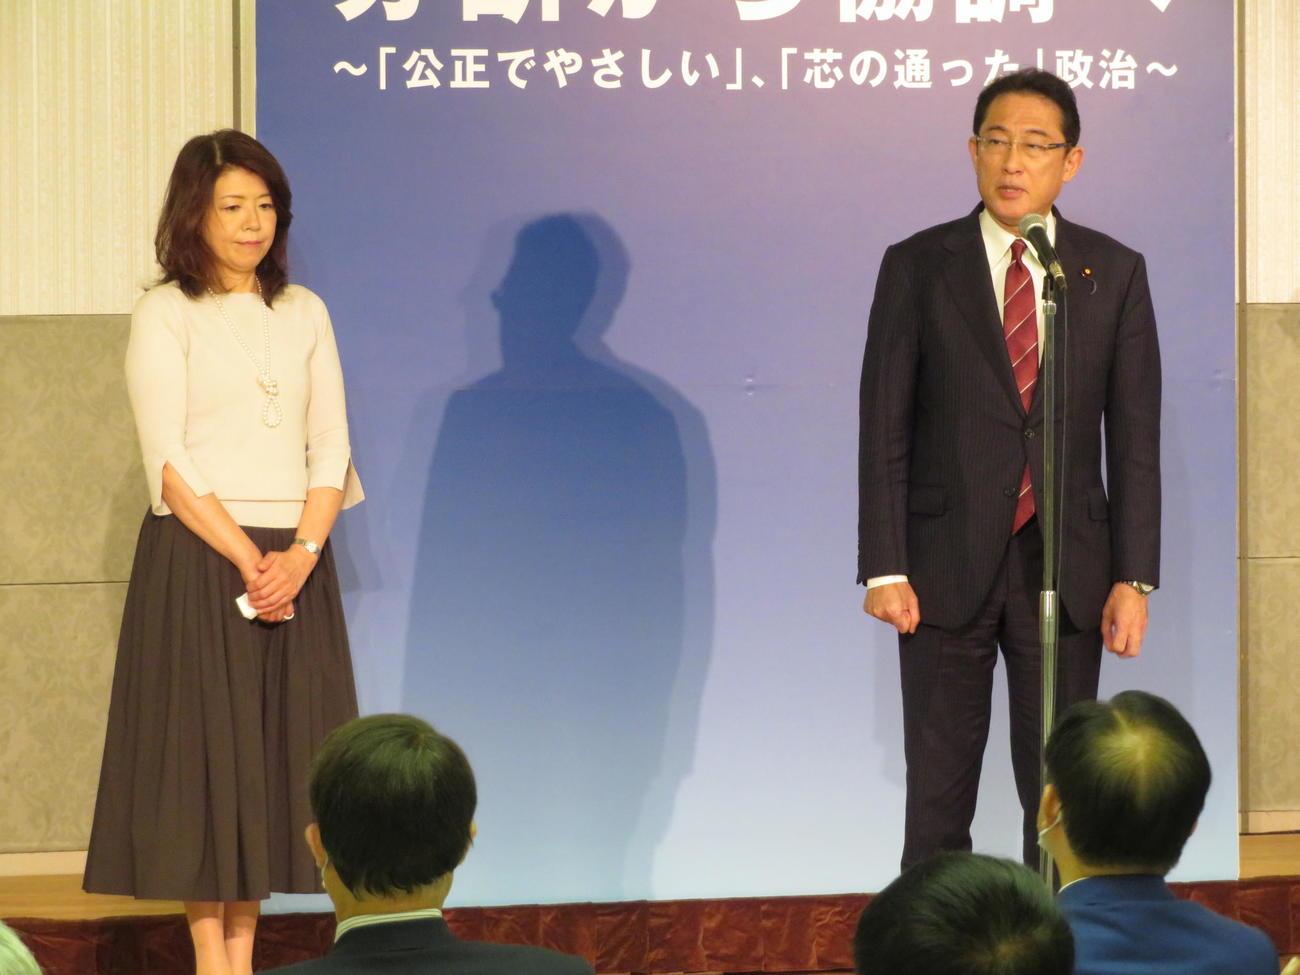 自民党総裁選直前の決起大会であいさつする岸田文雄政党会長(右)。左は妻の裕子さん(撮影・近藤由美子)